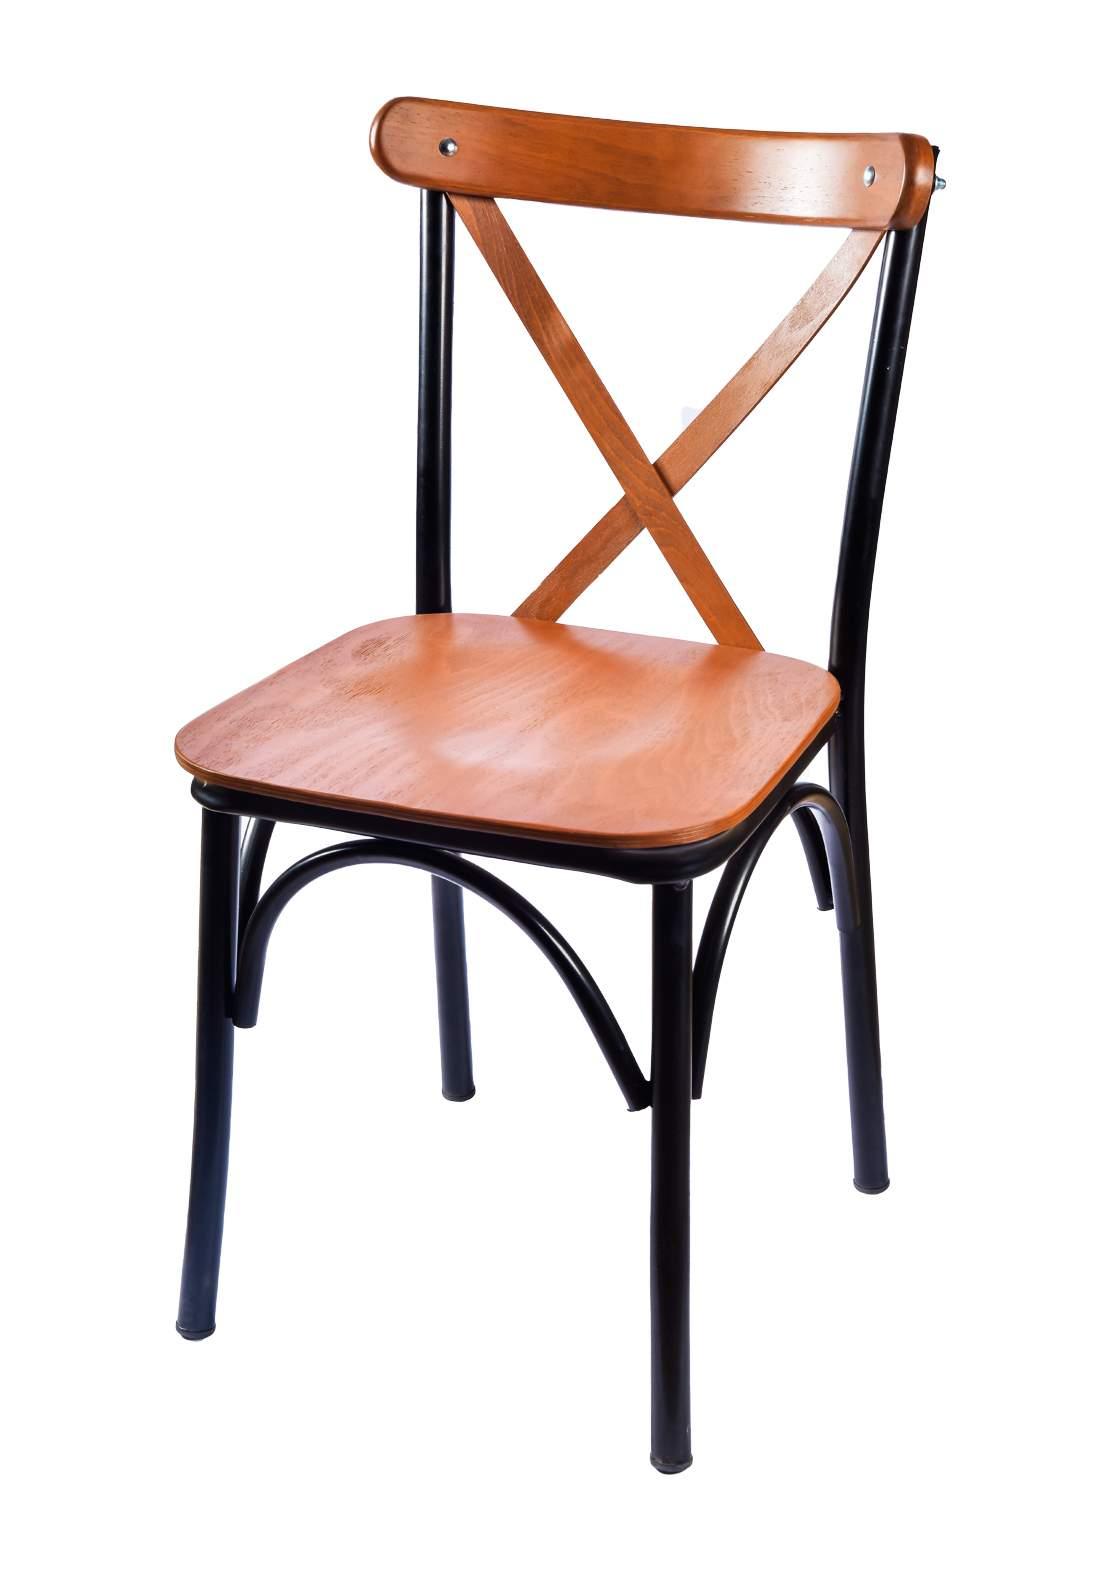 كرسي خشب طبيعي من ايوانكو